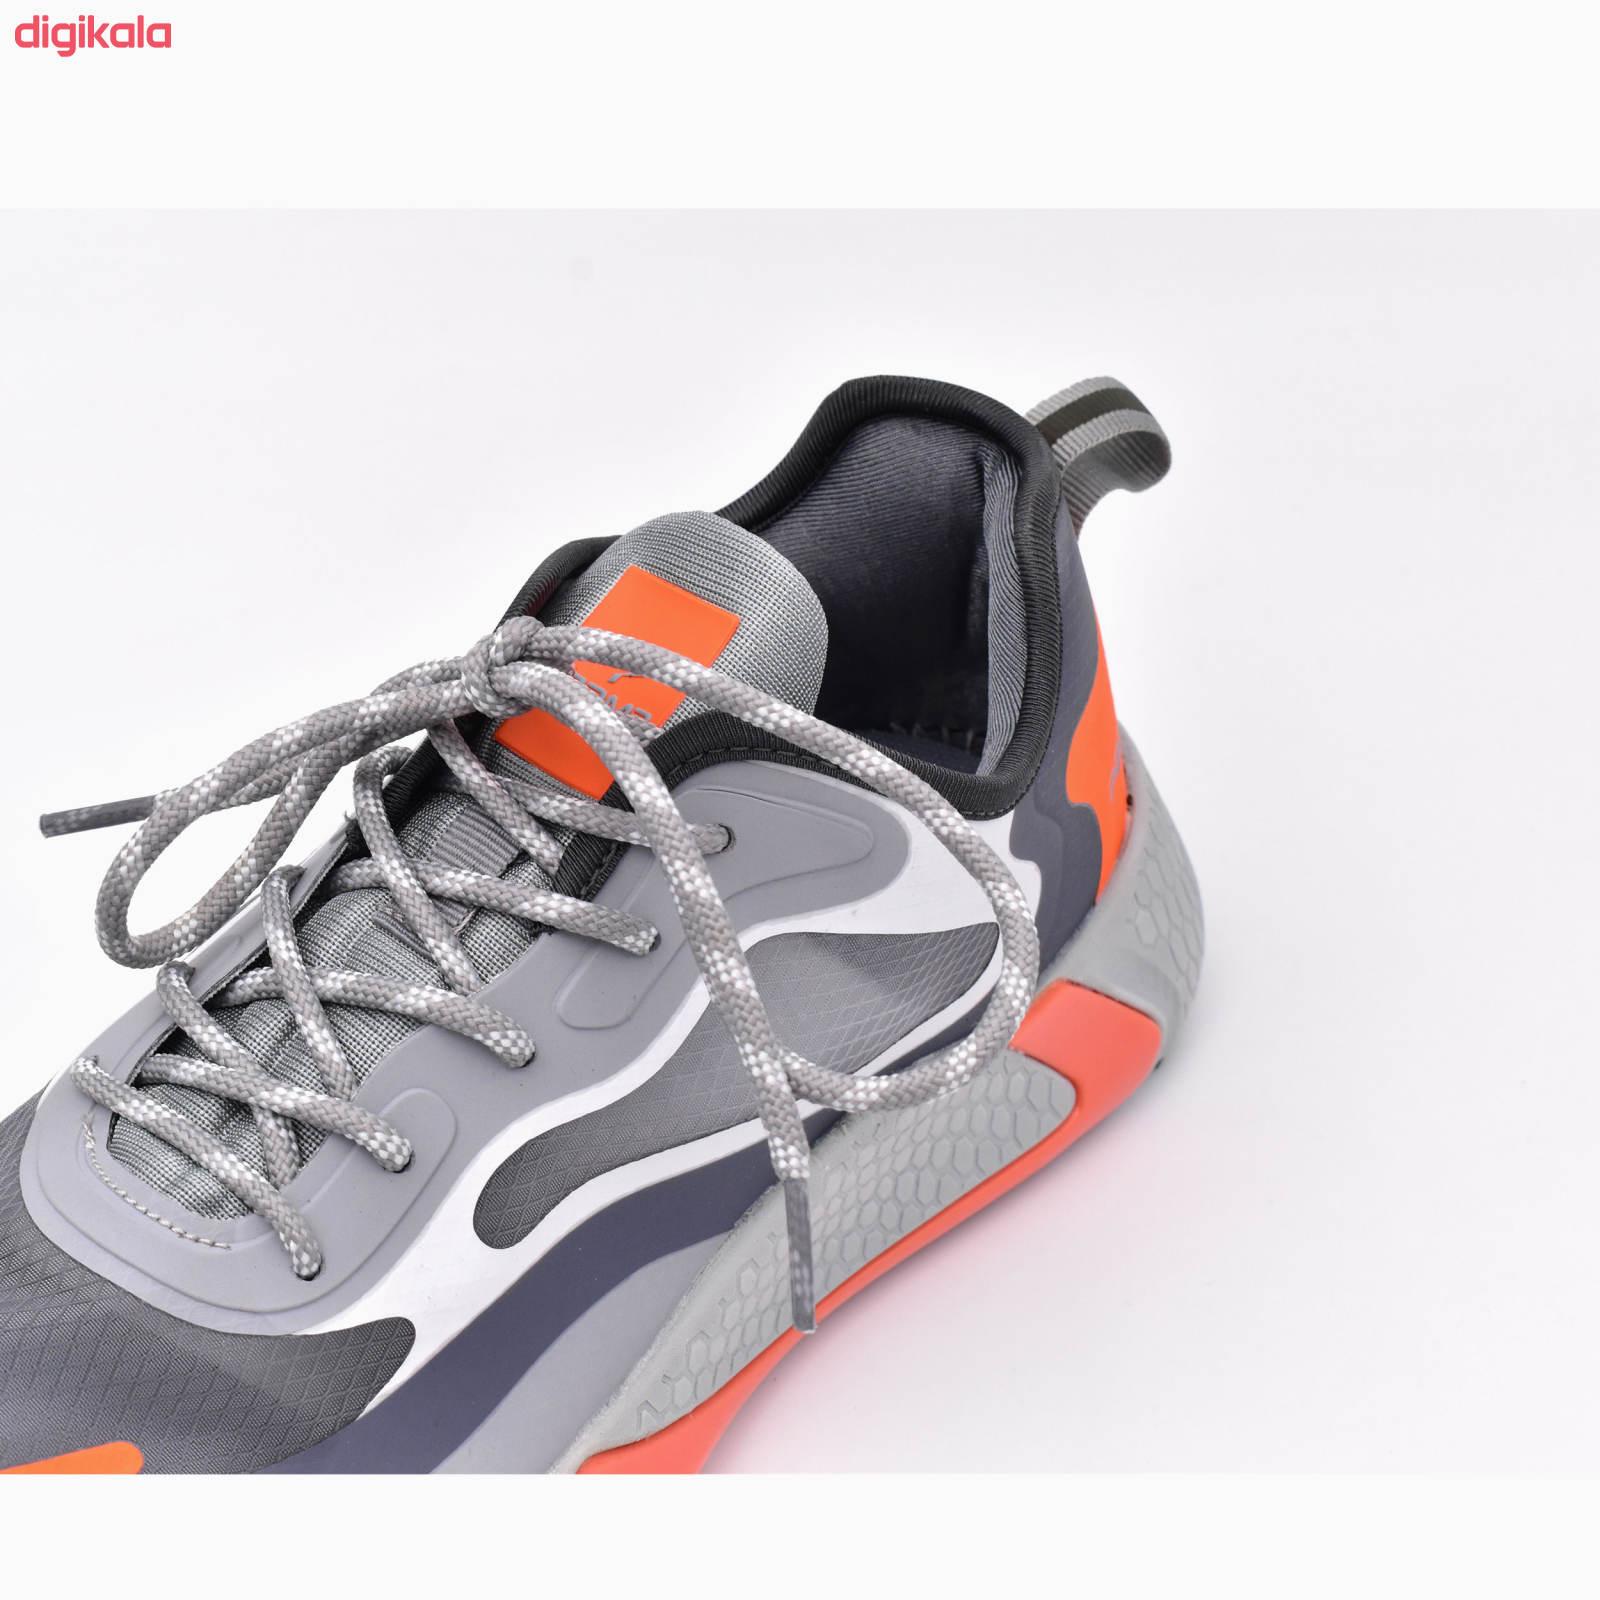 کفش پیاده روی مردانه پاما مدل ساموئل کد G1421 main 1 8